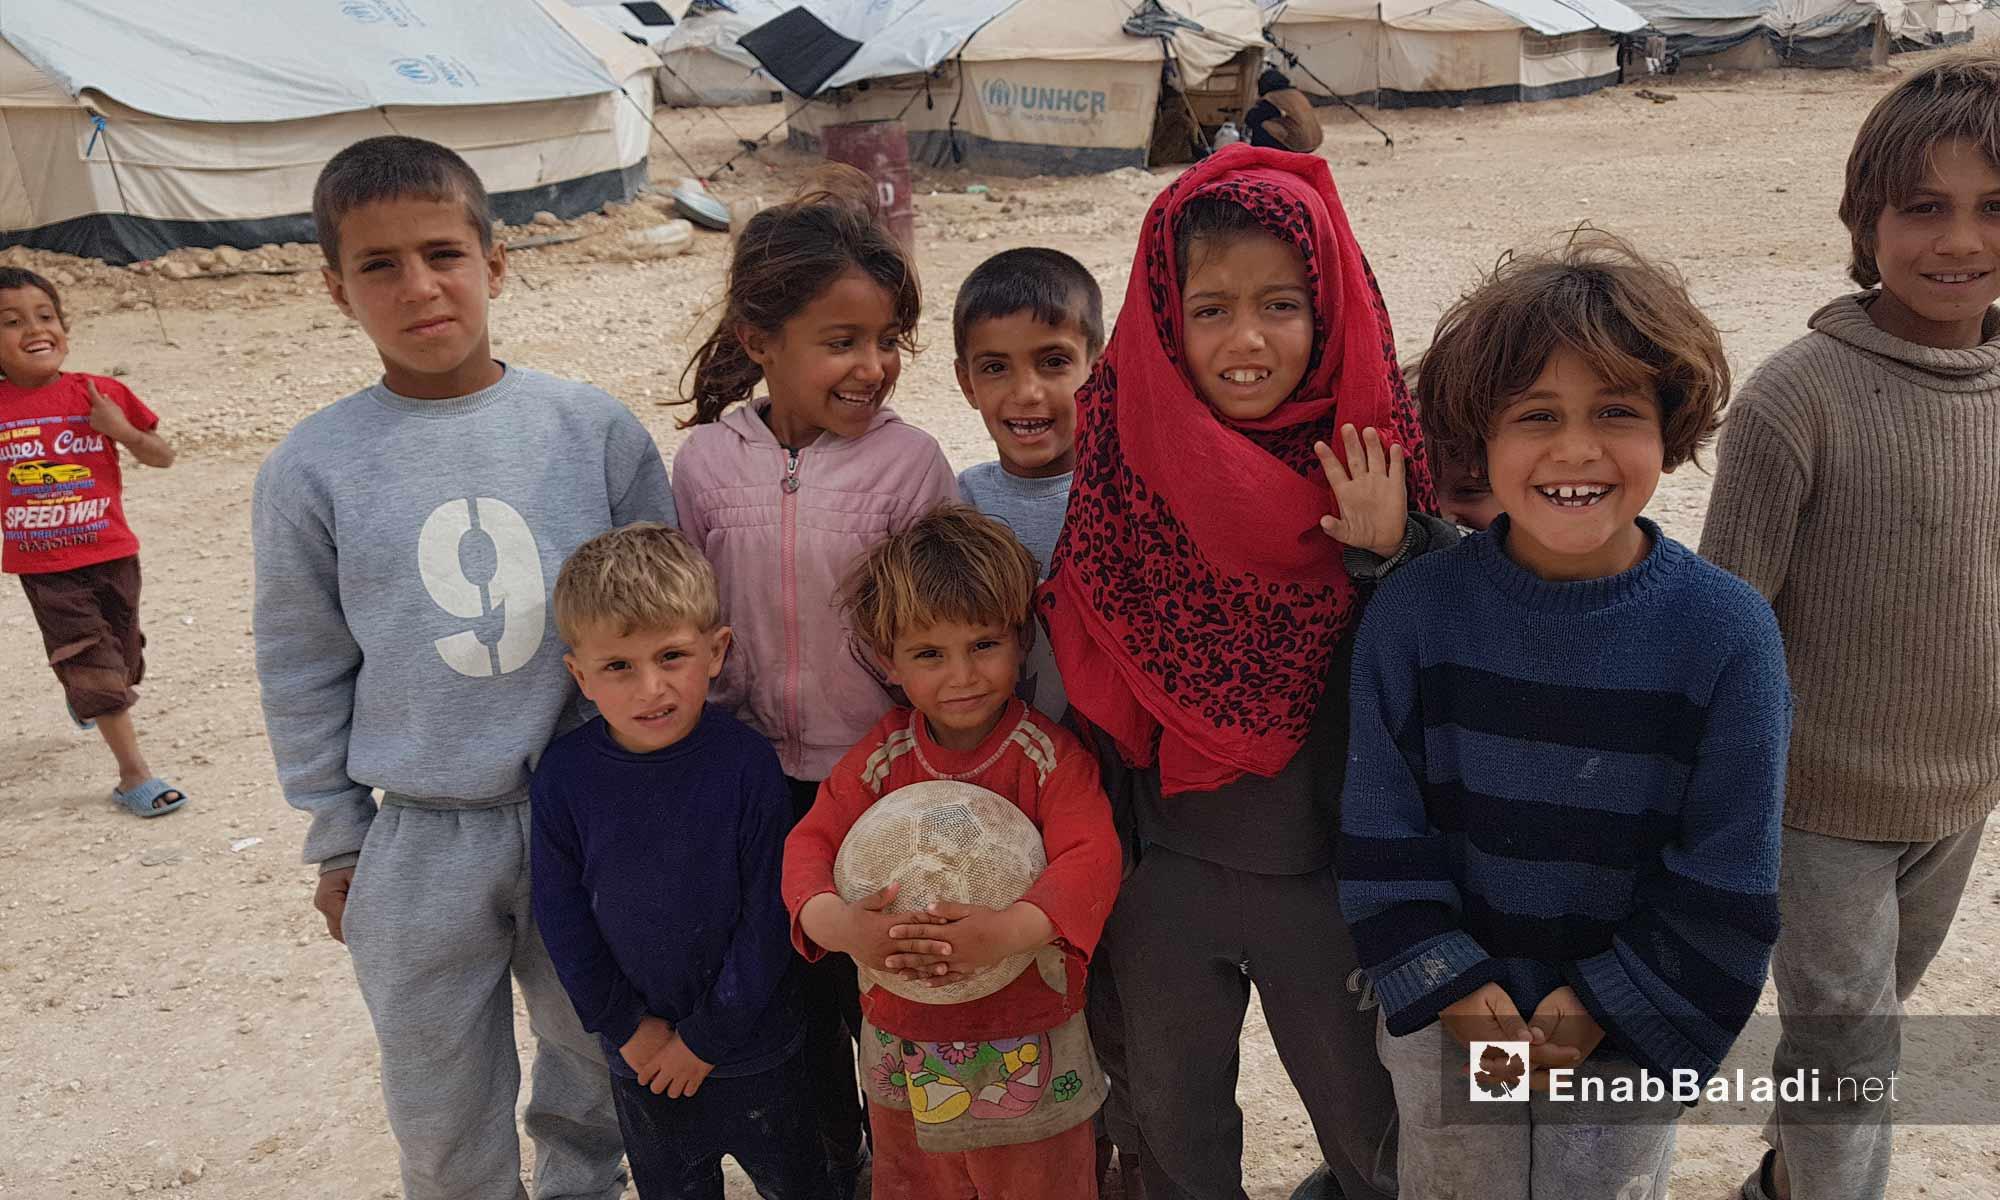 أطفال في مخيم العريشة بريف الحسكة الجنوبي - 9 آذار 2018 (عنب بلدي)